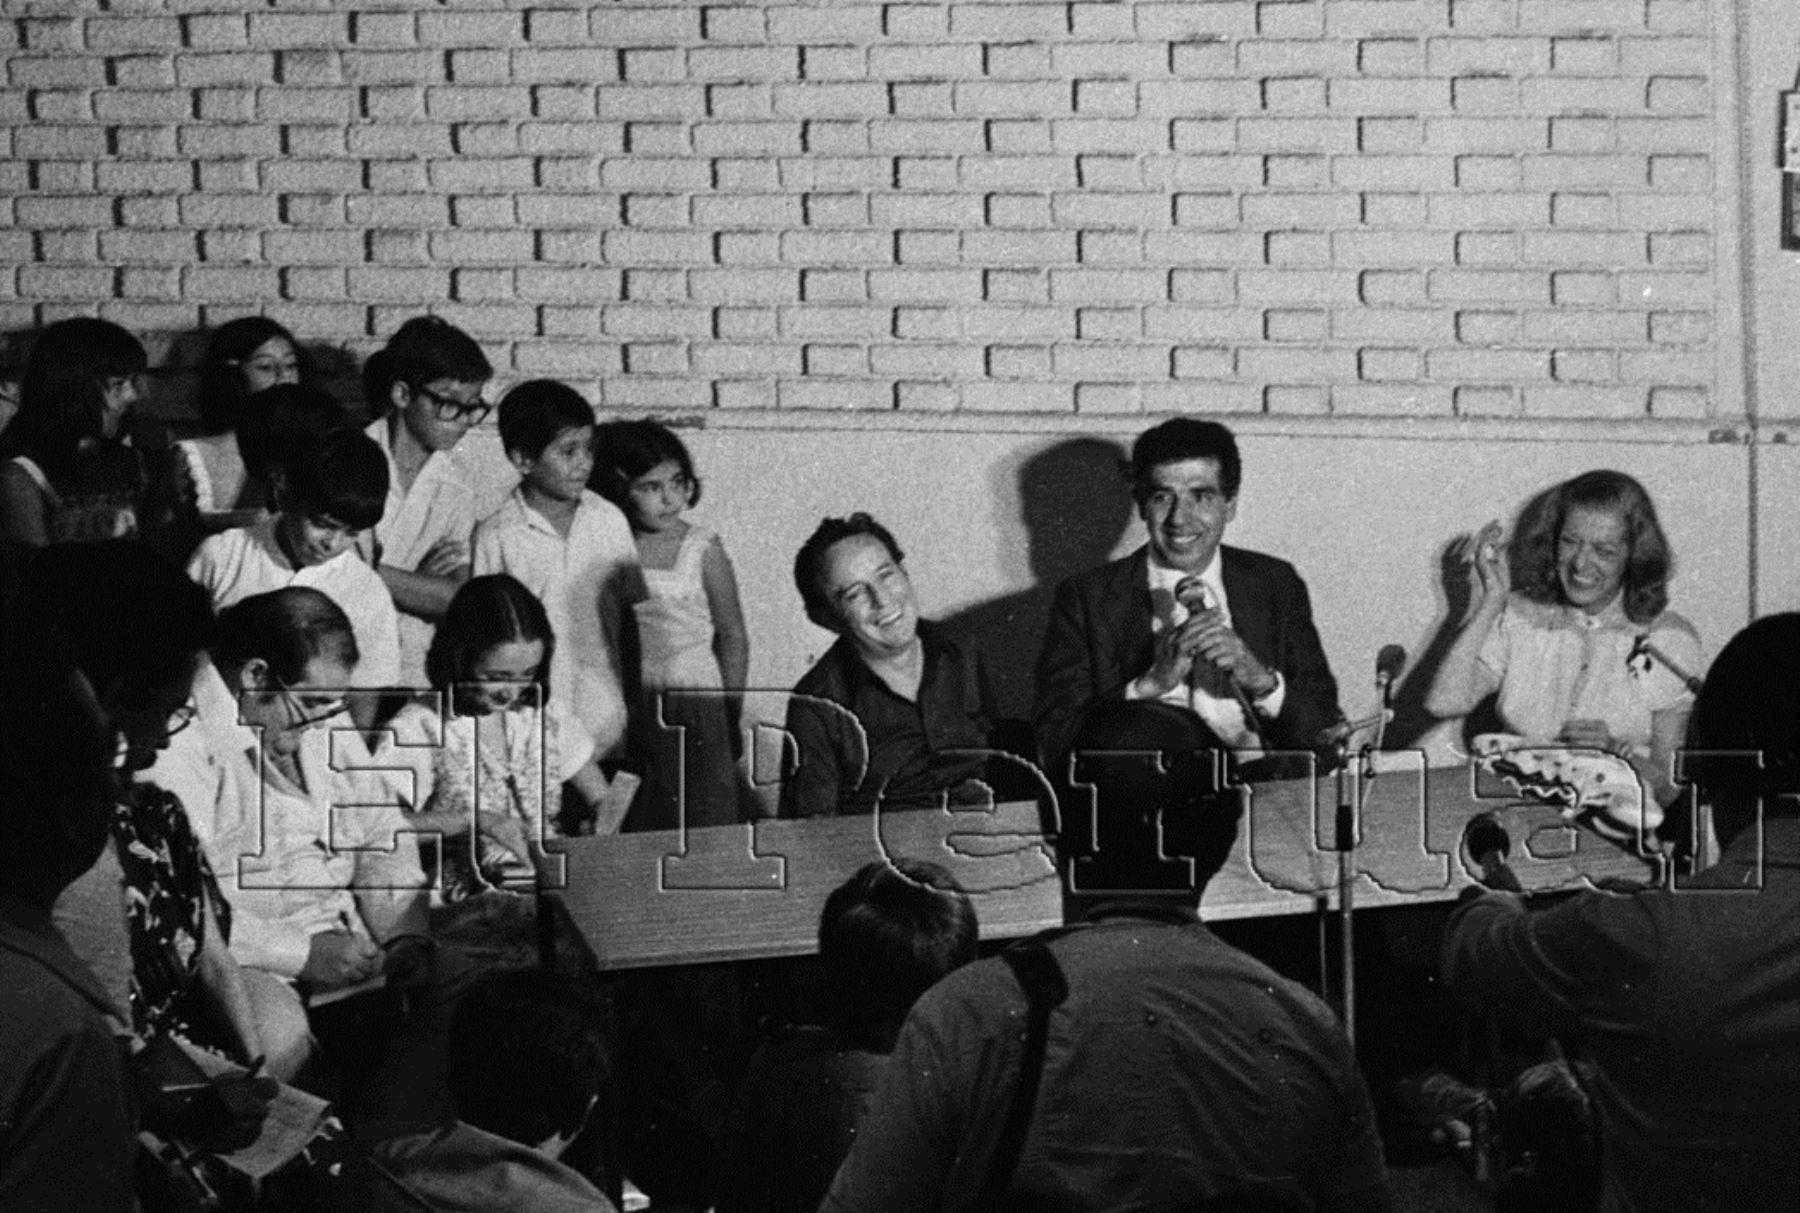 """Lima - 30 de marzo de 1979. El actor Roberto Gómez Bolaños """"Chespirito"""" durante una conferencia de prensa del elenco artistas de la serie de televisión """"El Chavo del 8"""" que visita el Perú. Foto: Archivo El Peruano"""